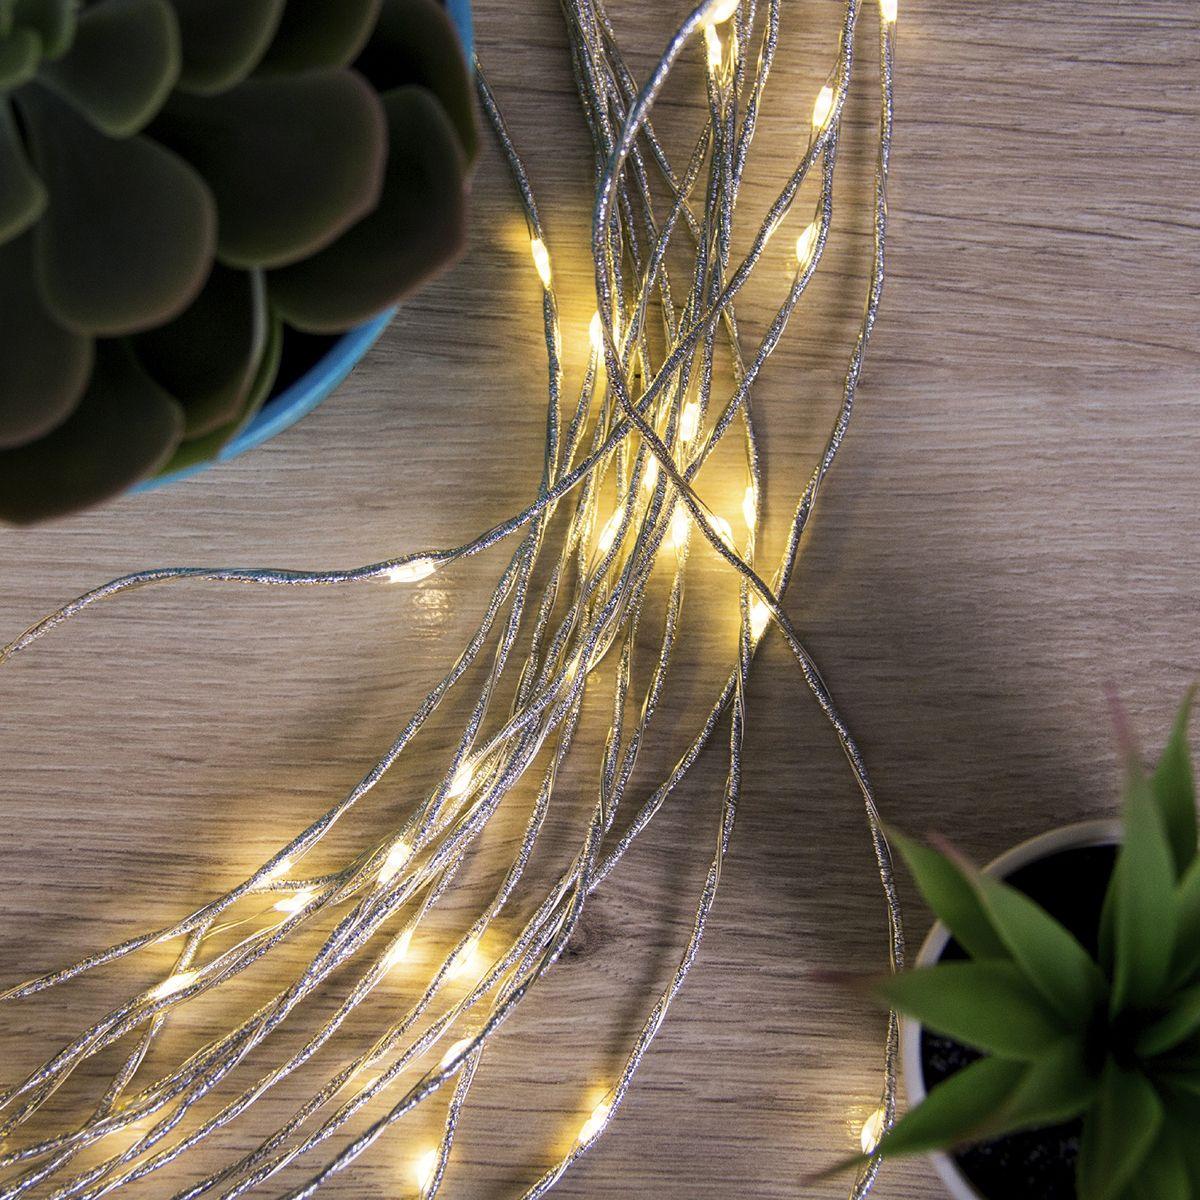 цена на Гирлянда электрическая Luazon Lighting Конский хвост. Роса, цвет: теплый белый, 300 LED, 15 серебристых нитей, длина 2 м